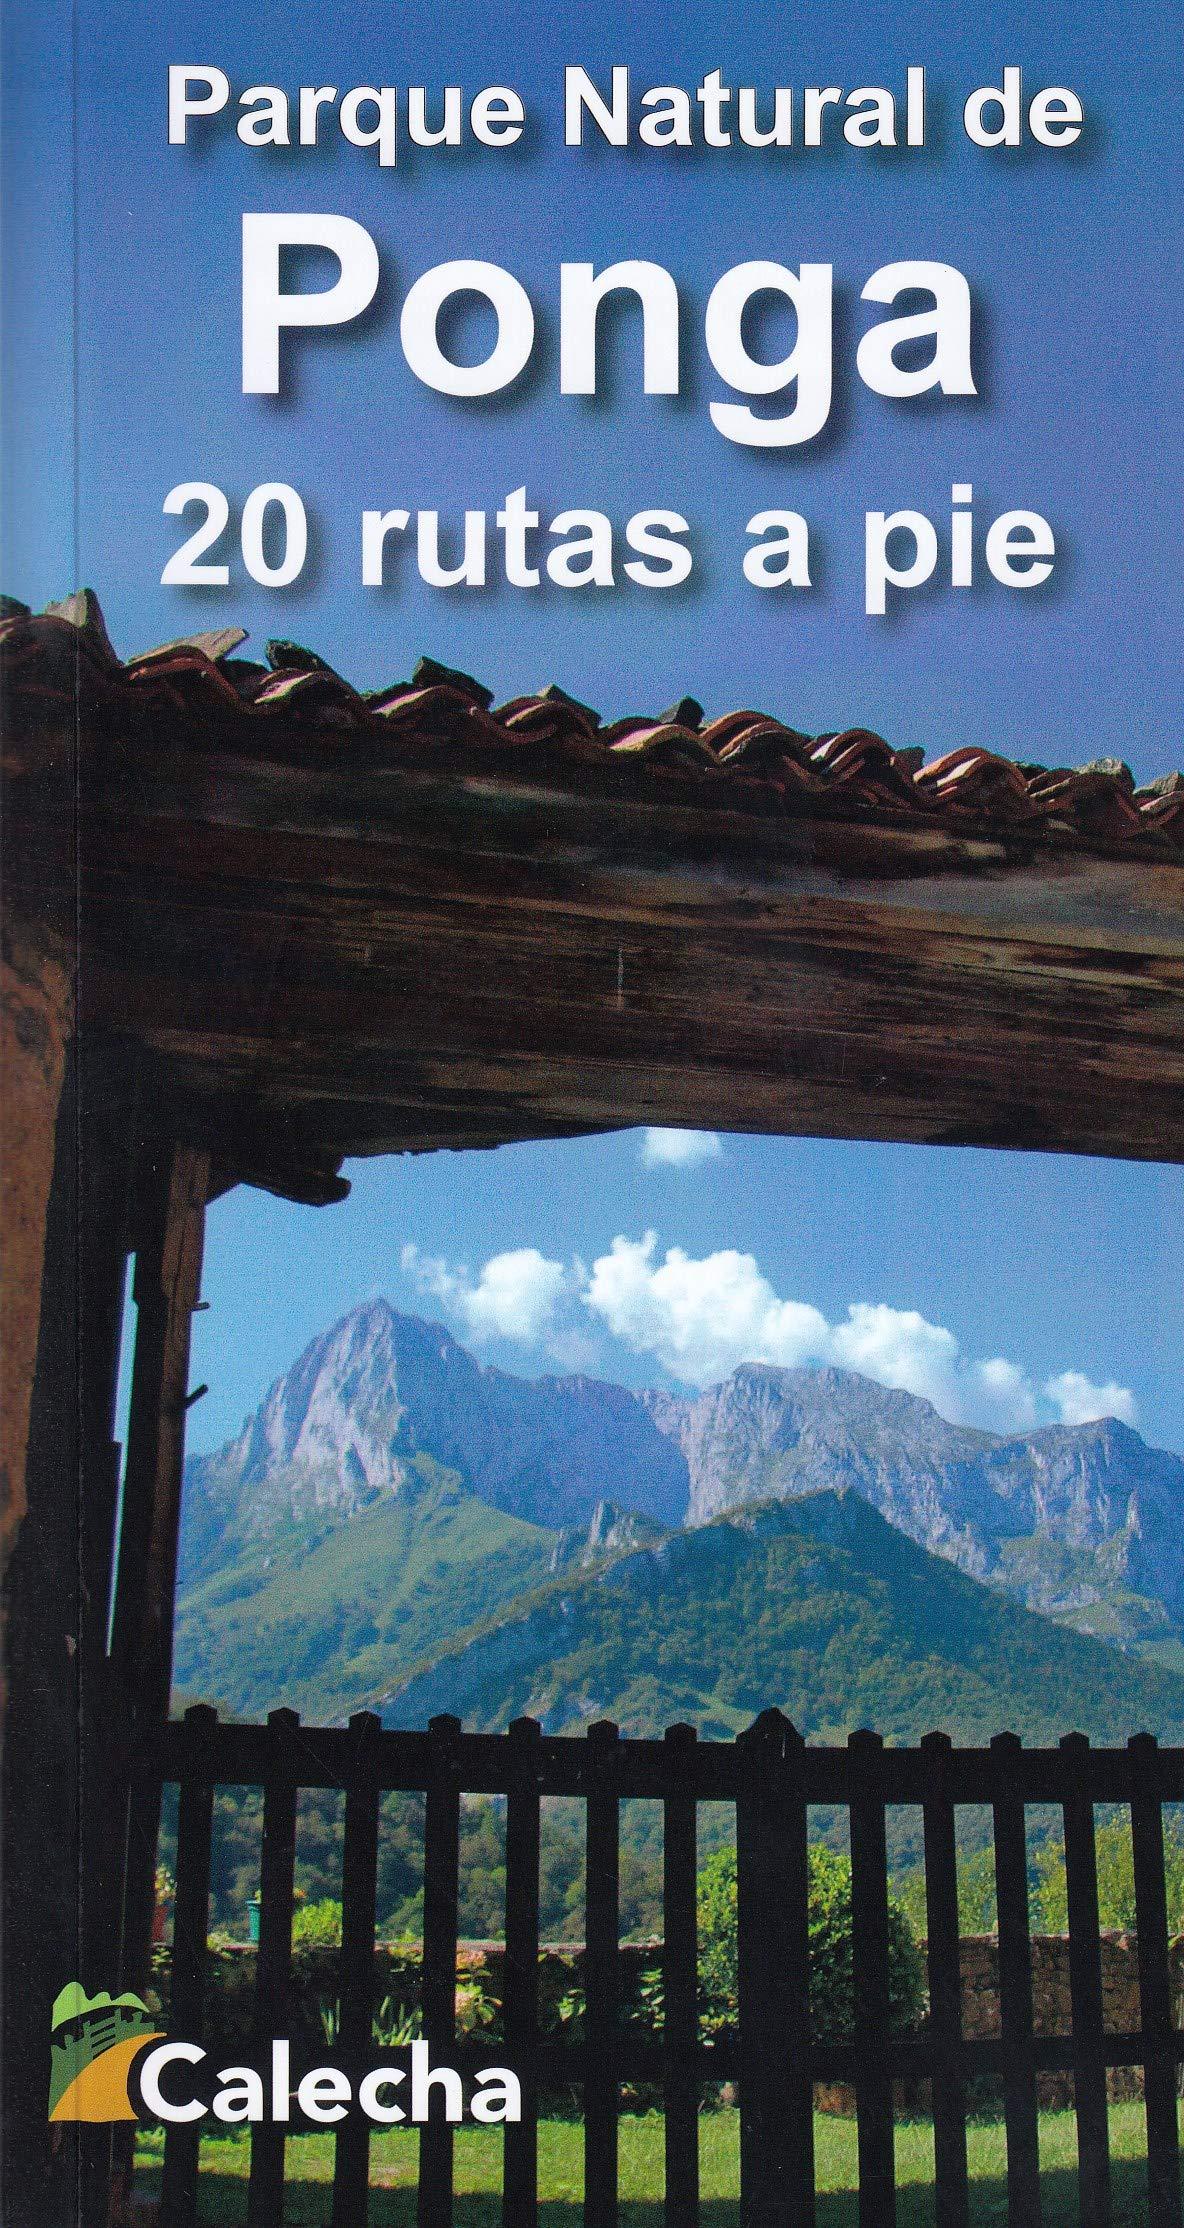 PARQUE NATURAL DE PONGA. 20 RUTAS A PIE: Amazon.es: ÁLVAREZ RUIZ, ALBERTO: Libros